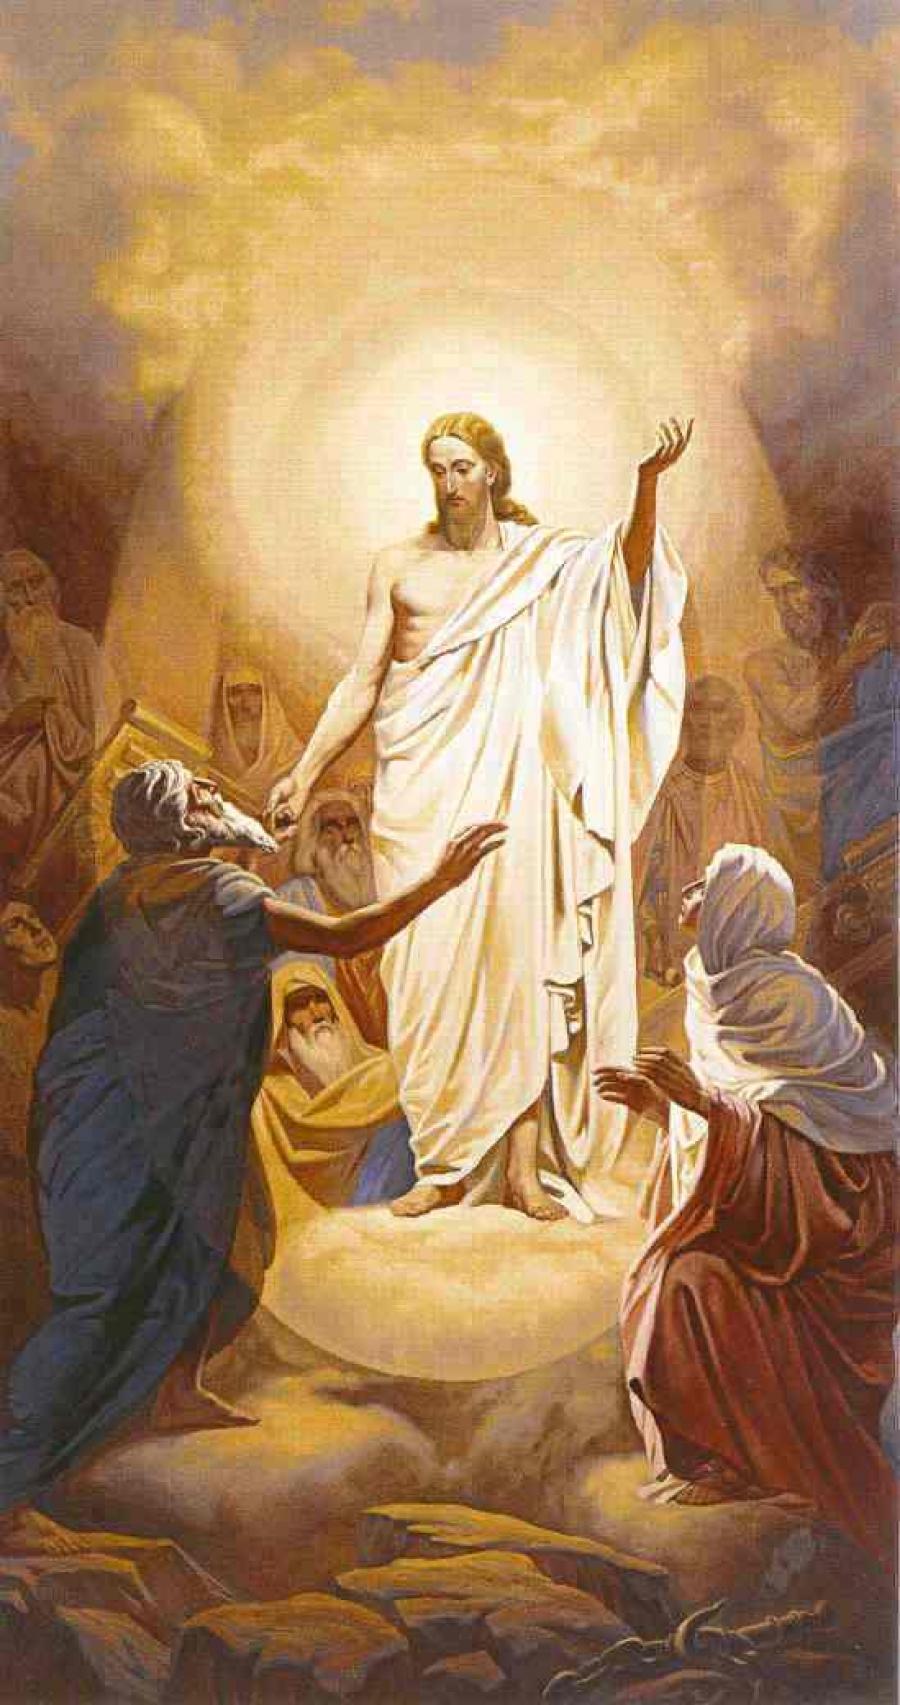 Bildergebnis für христос воскресе